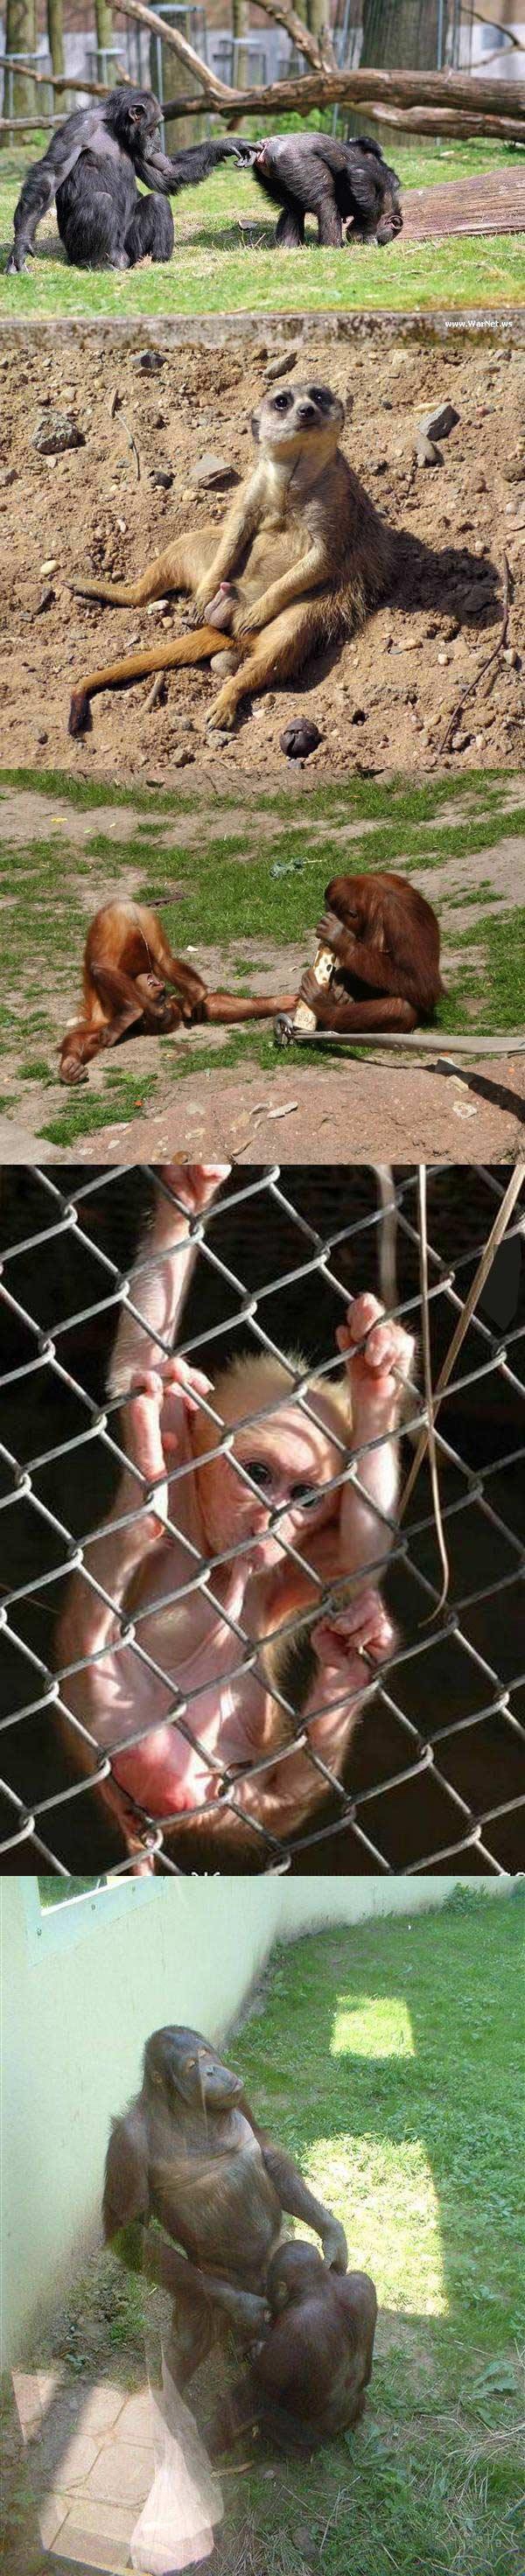 5大理由为什么孩子们不应该参观动物园